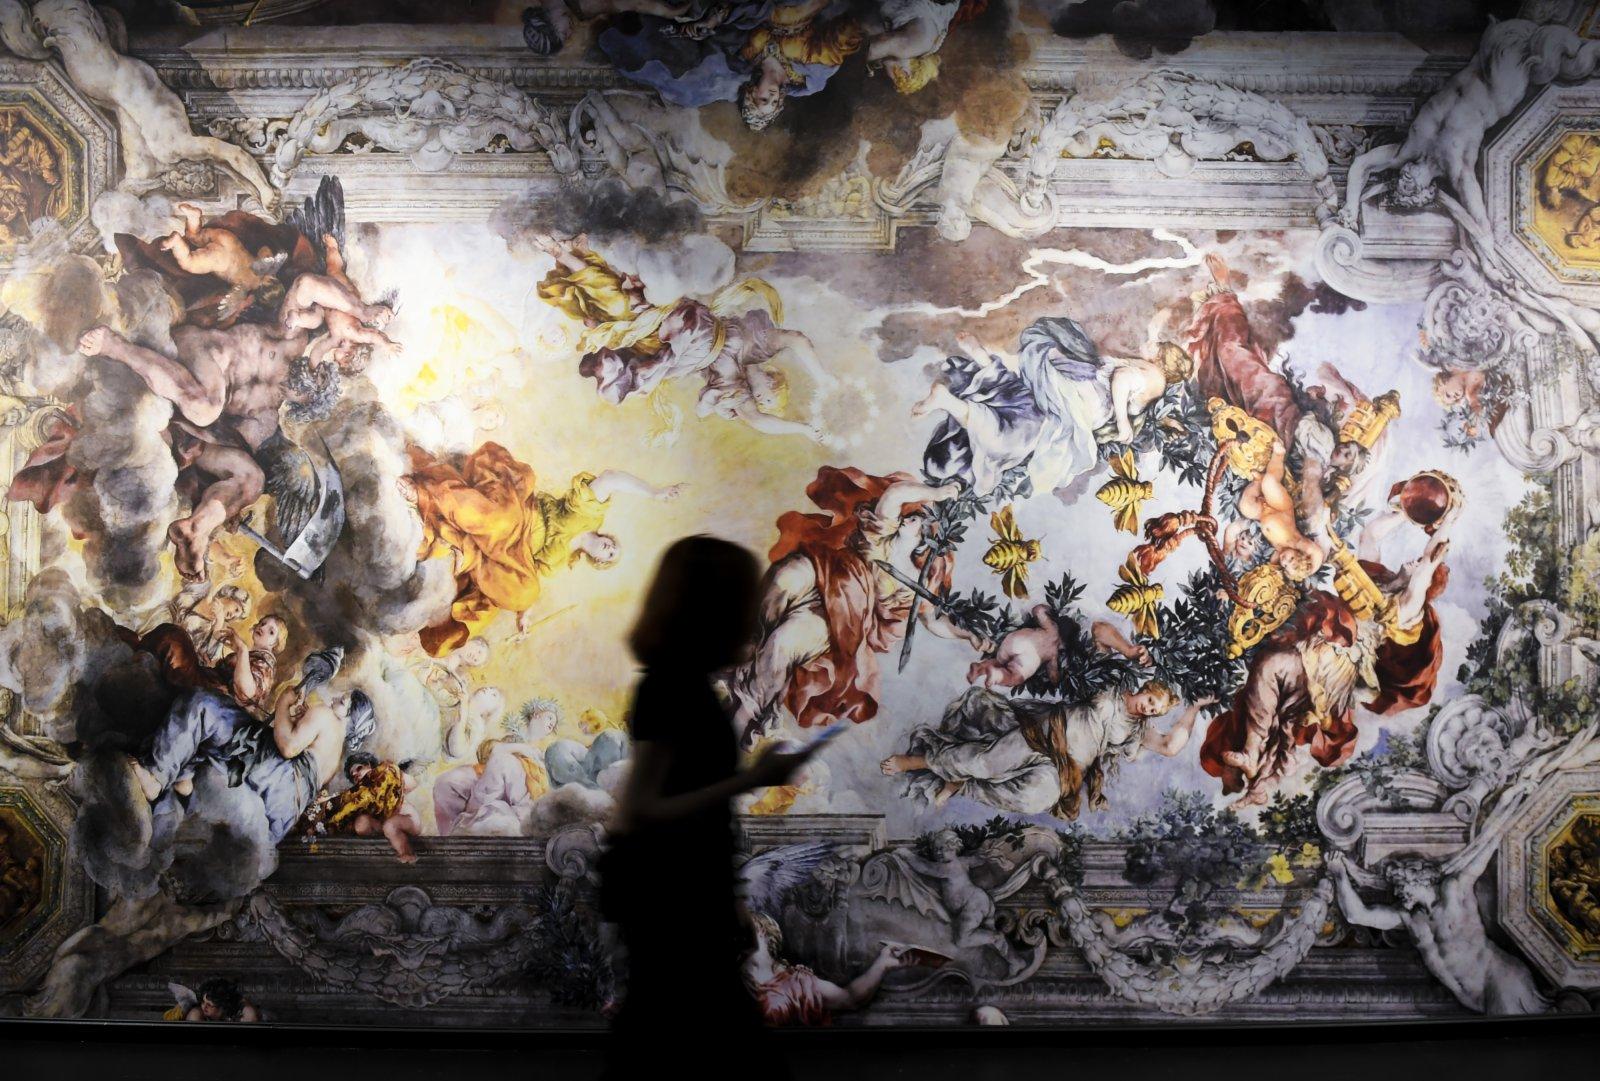 5月3日,觀眾走過展出的彼得羅·達·科爾托納壁畫作品《神意的勝利》複製品。(新華社)